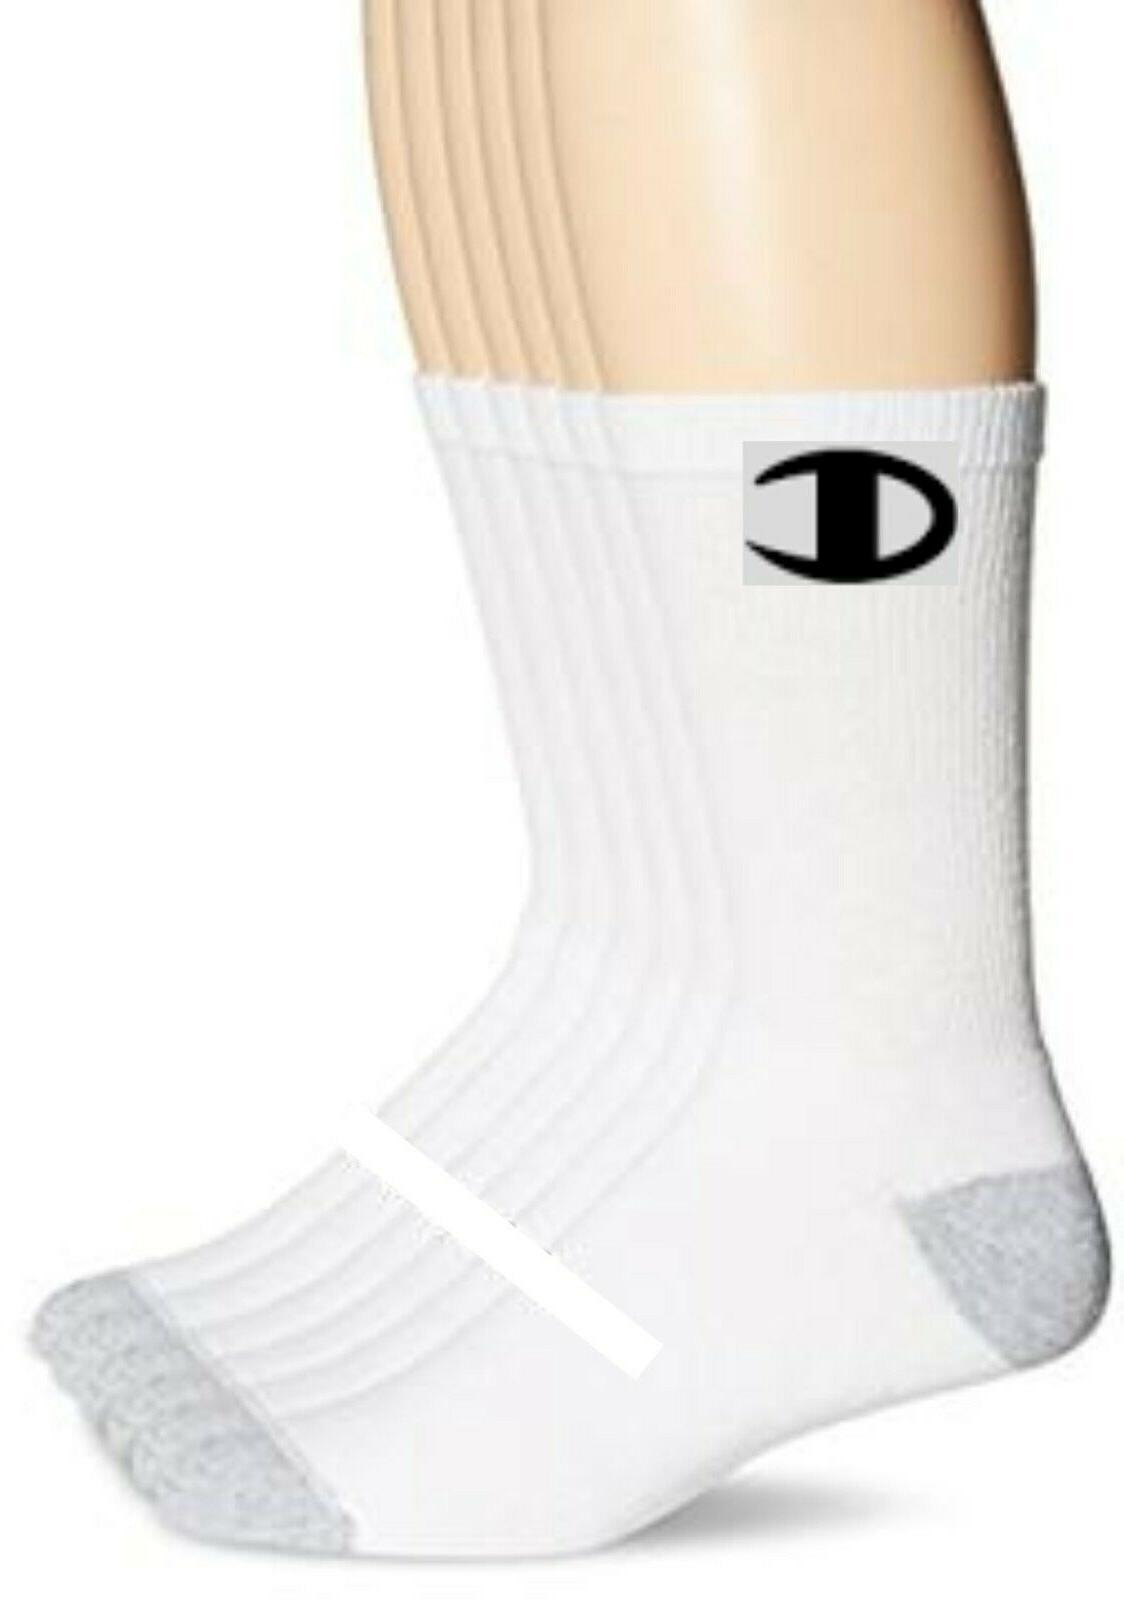 brand crew socks white 6 pack